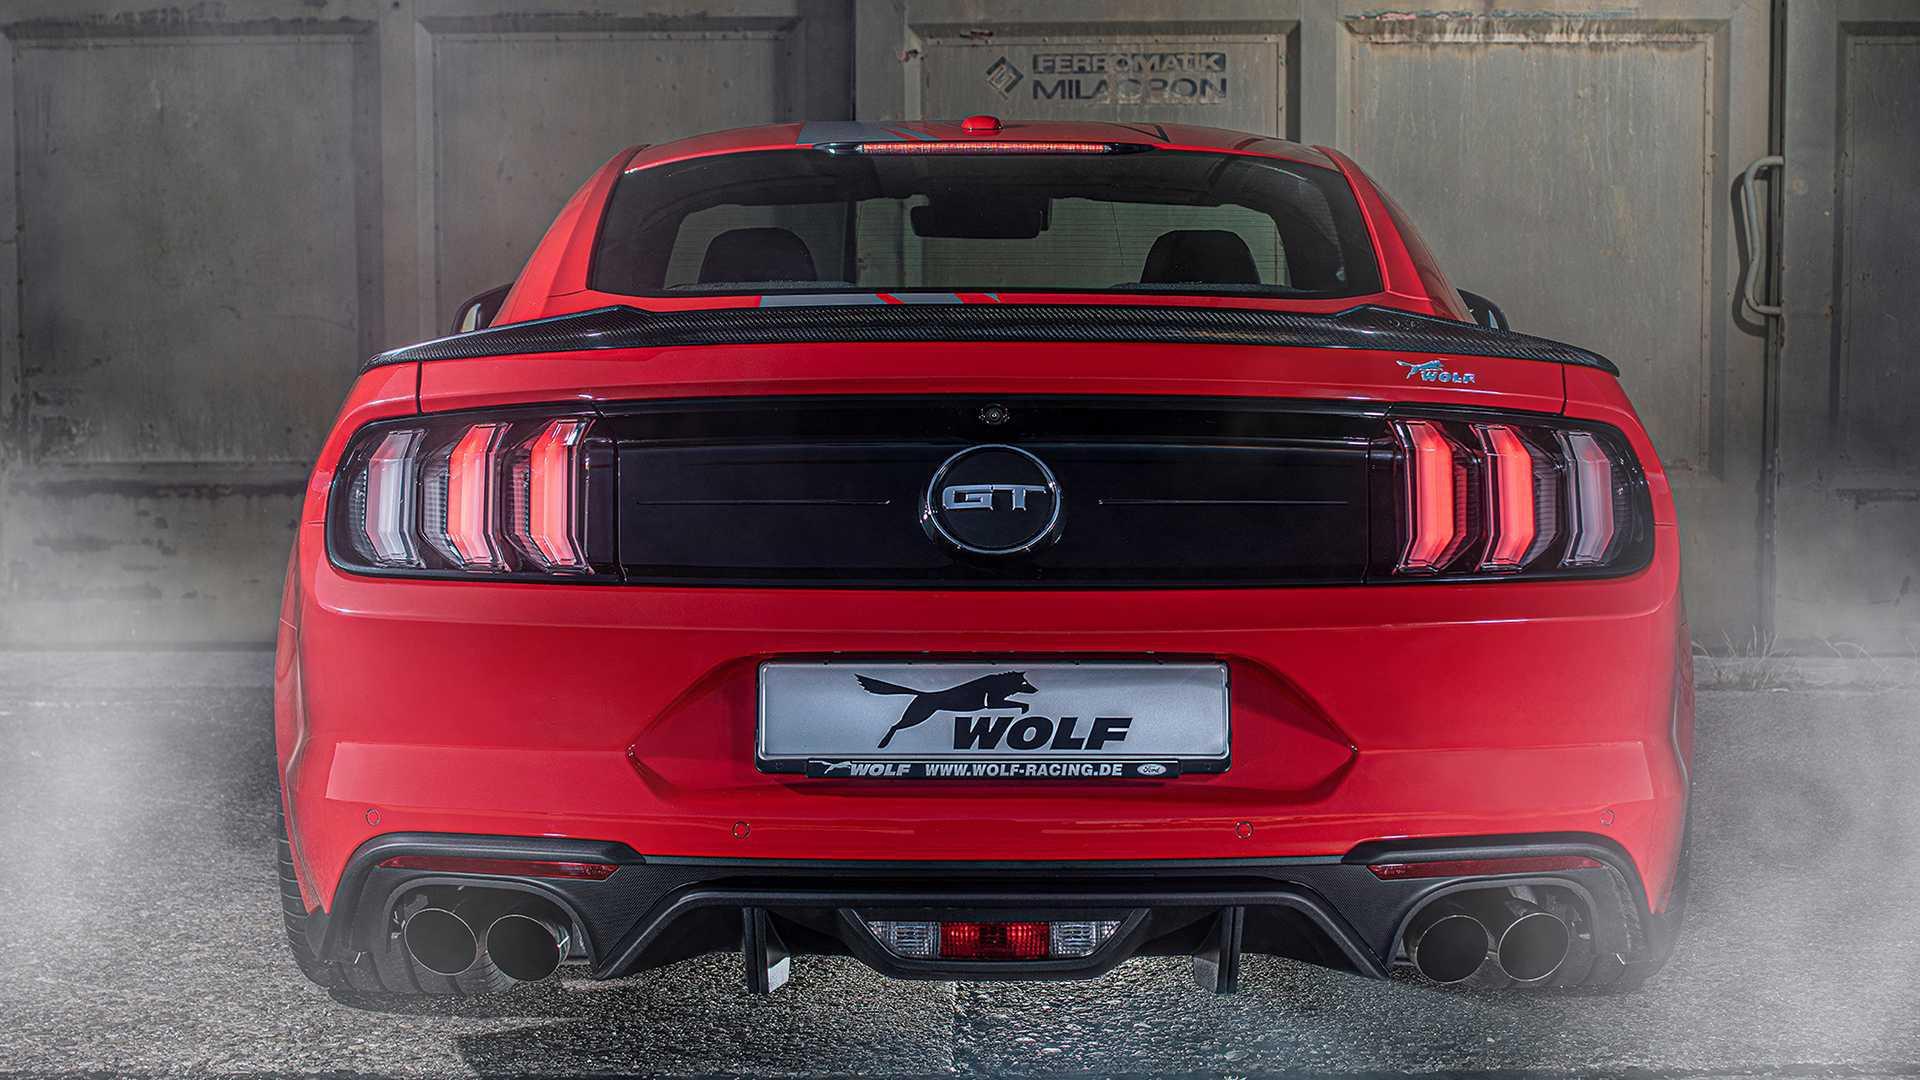 Ford Mustang được nâng cấp với gói độ mạnh mẽ hơn 700 mã lực Ảnh 4